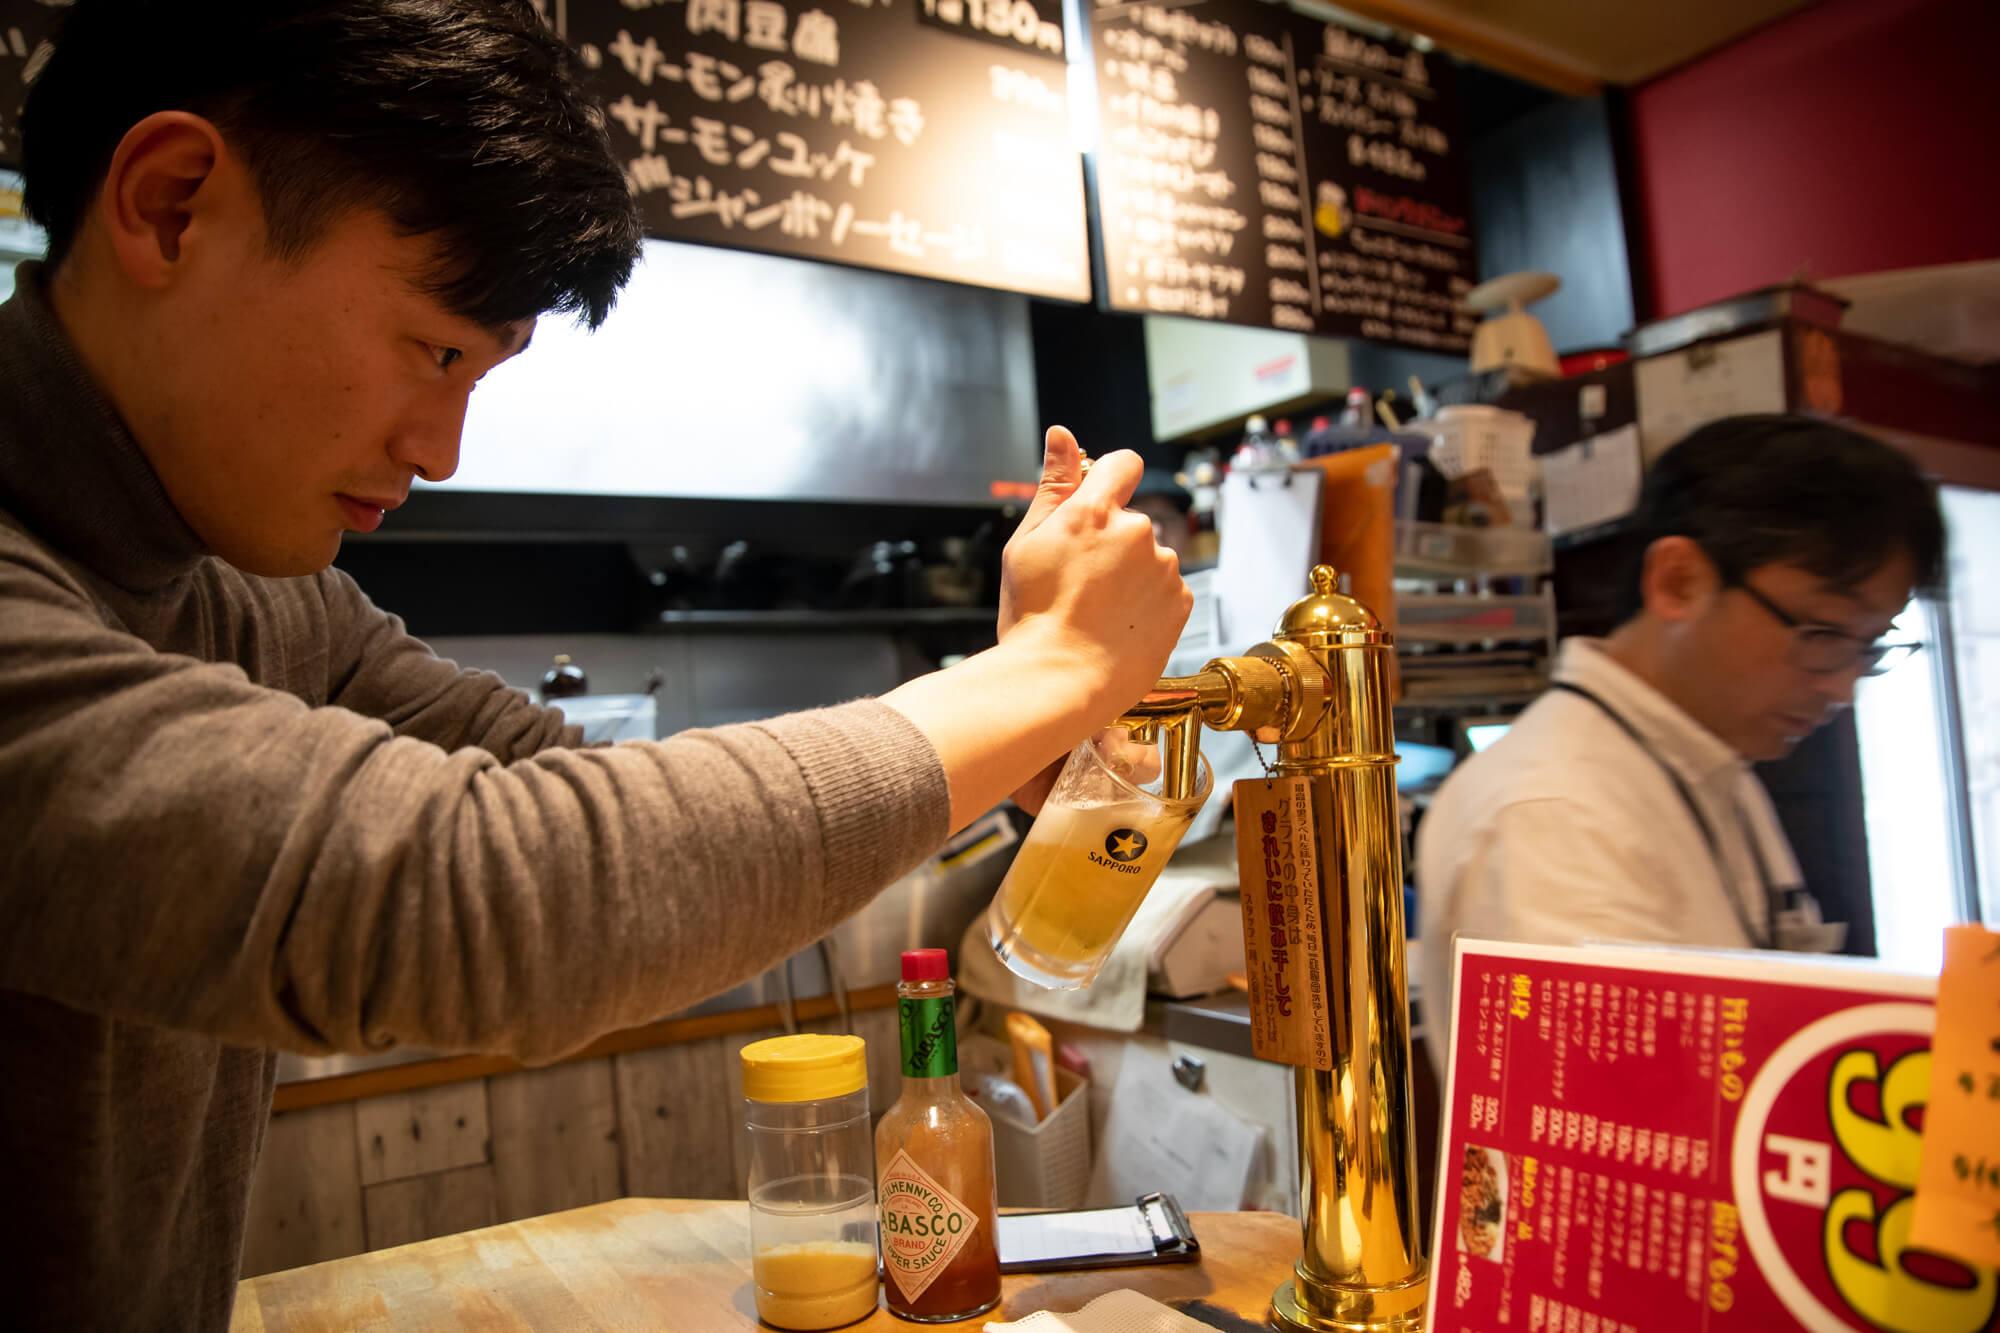 ローマ軒 大阪駅前第3ビル店 ビール飲み放題30分600円